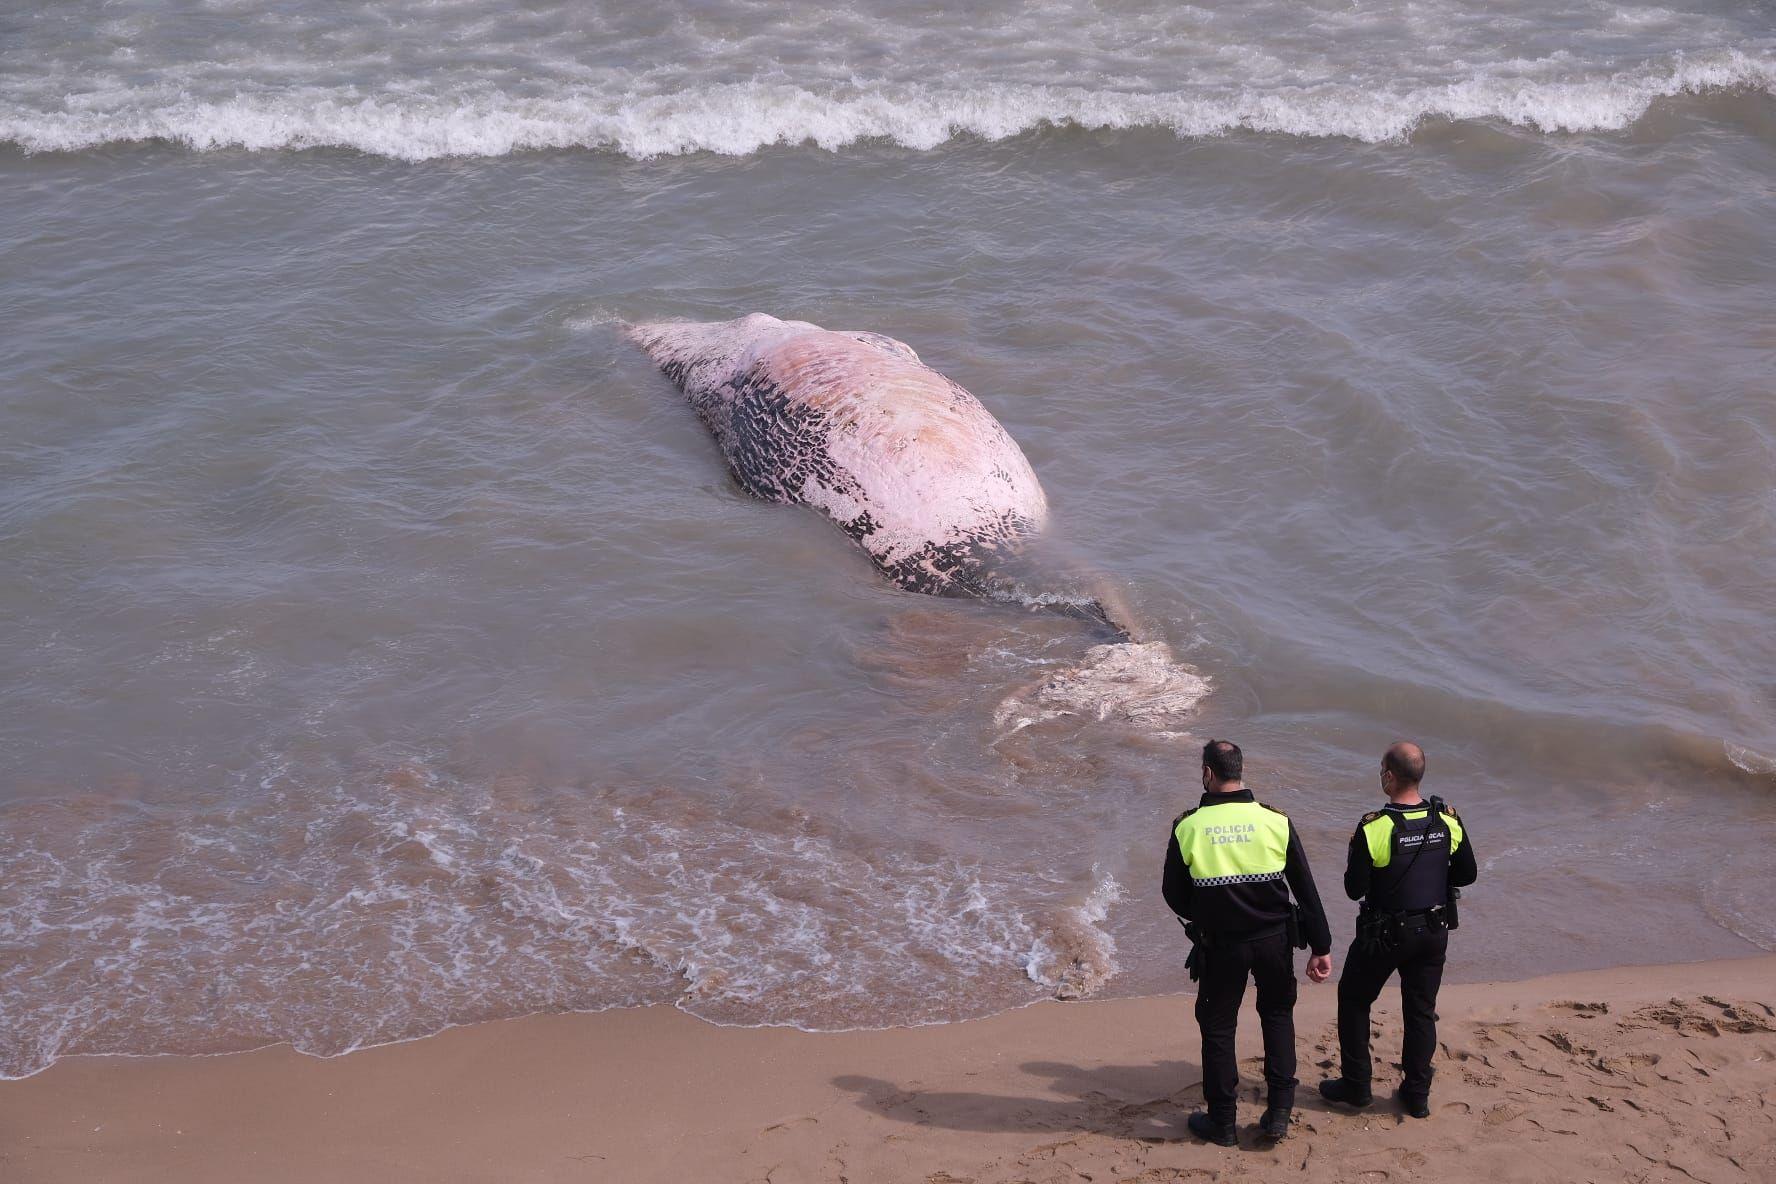 Aparece una ballena en Guadamar